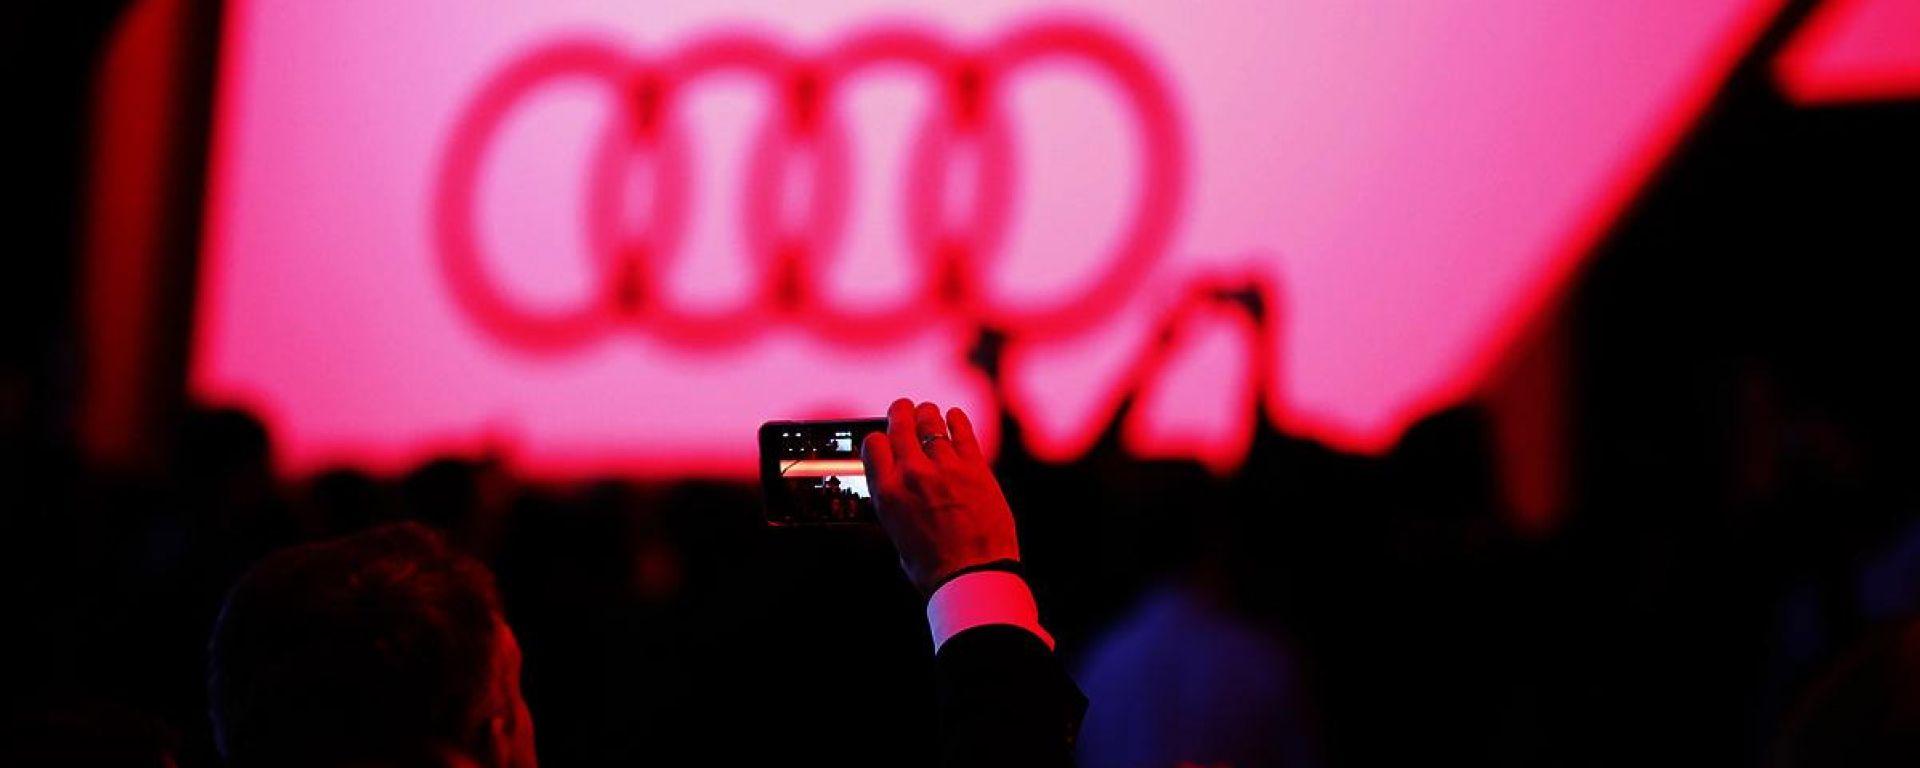 Salone di Ginevra 2019, le novità Audi: il baby suv elettrico